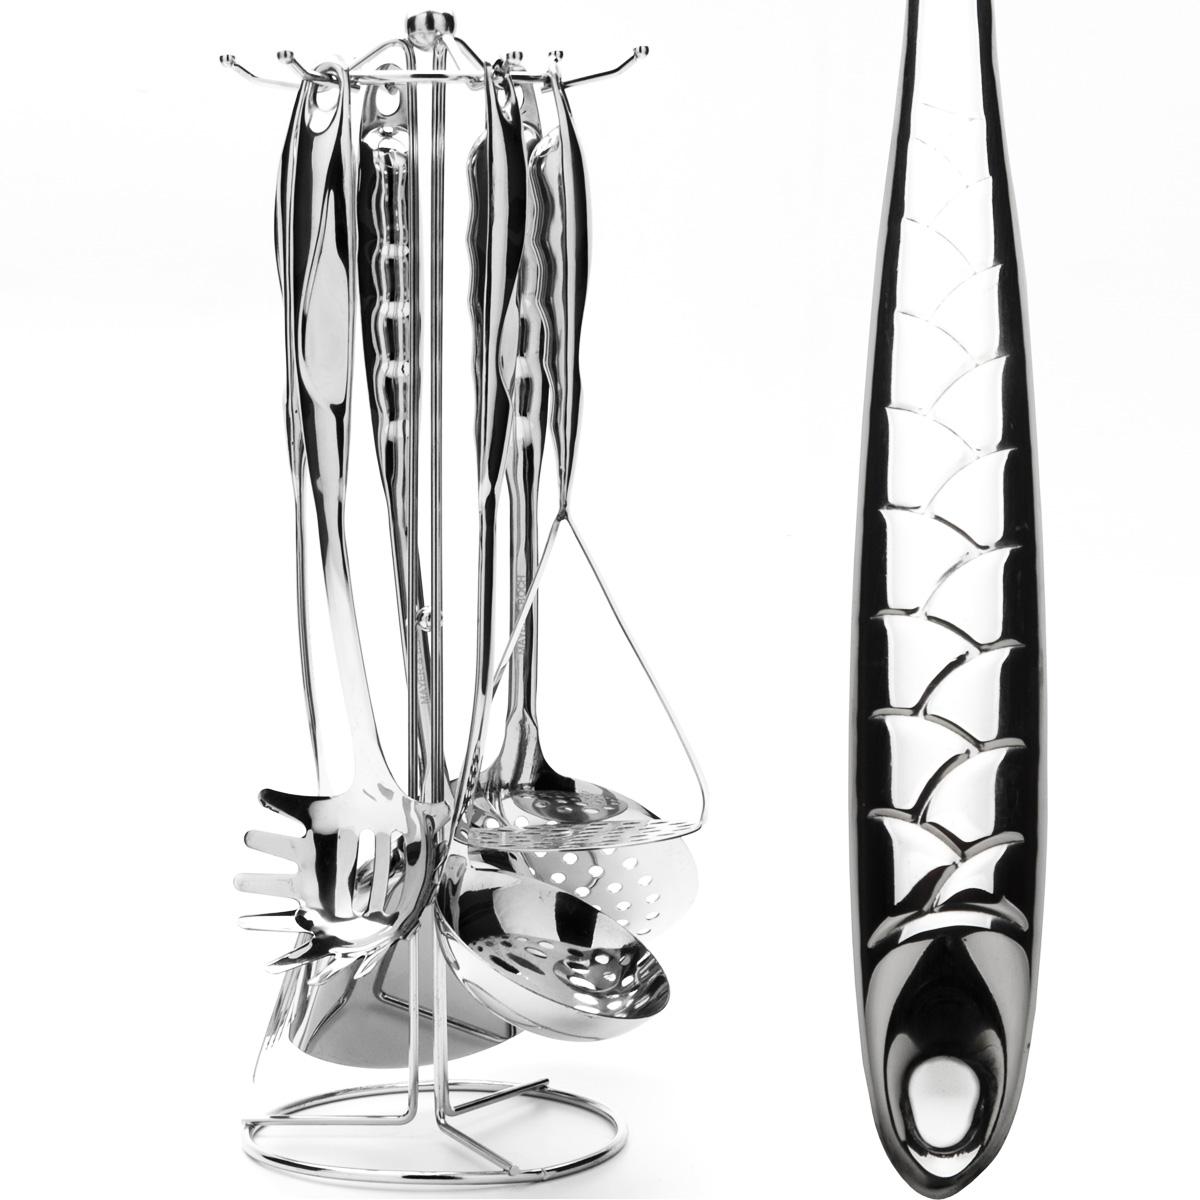 Набор кухонных принадлежностей Mayer & Boch, 7 предметов. 2379423794Набор кухонных принадлежностей Mayer & Boch выполнен из высококачественной нержавеющей стали c зеркальной поверхностью. Набор состоит из ложки для спагетти, половника, шумовки, ложки, лопатки с прорезями, картофелемялки и подставки. Все кухонные принадлежности имеют петельку с помощью которой можно подвесить на подставку с крючками. Эксклюзивный дизайн, эстетичность и функциональность набора позволят ему занять достойное место среди кухонного инвентаря. Набор пригоден для мытья в посудомоечной машине.